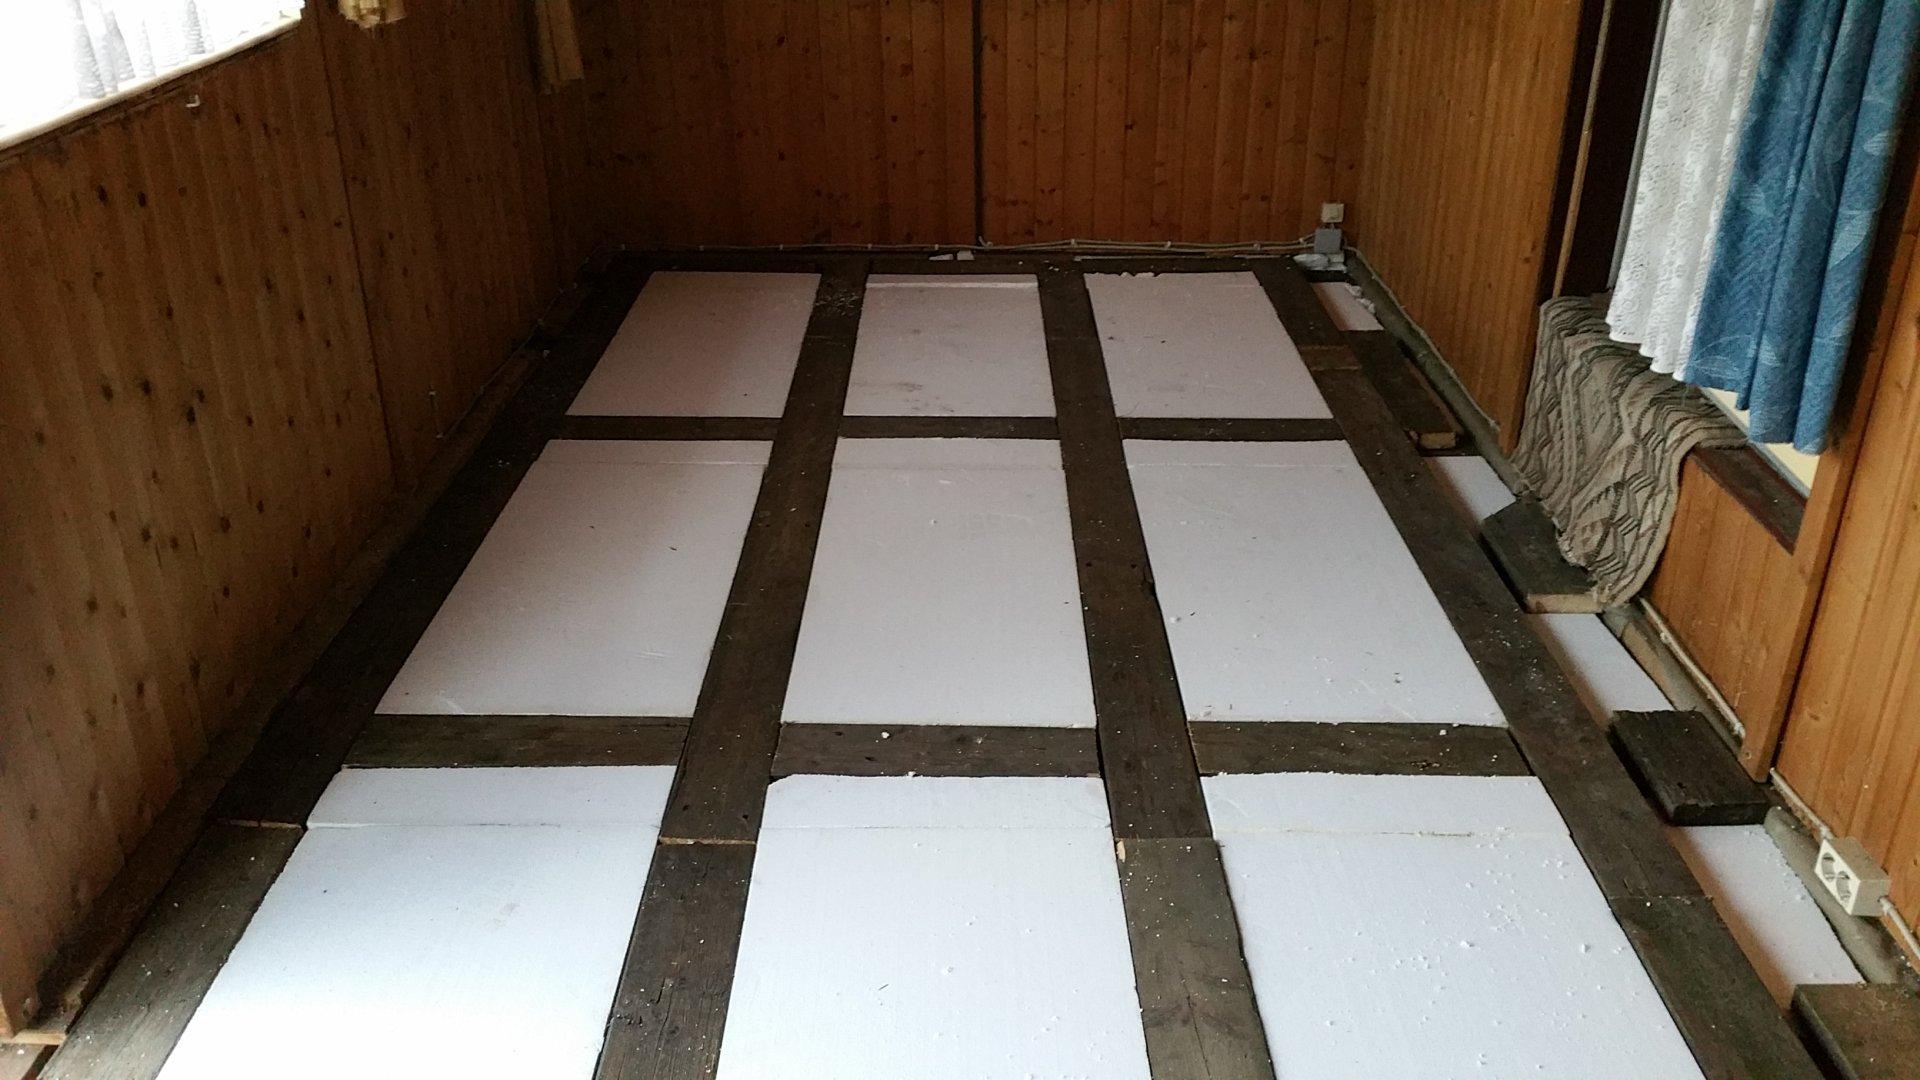 Fußbodenaufbau Fußboden Dämmen ~ Fußboden im gartenhaus dämmen isolierung garage und gartenhaus